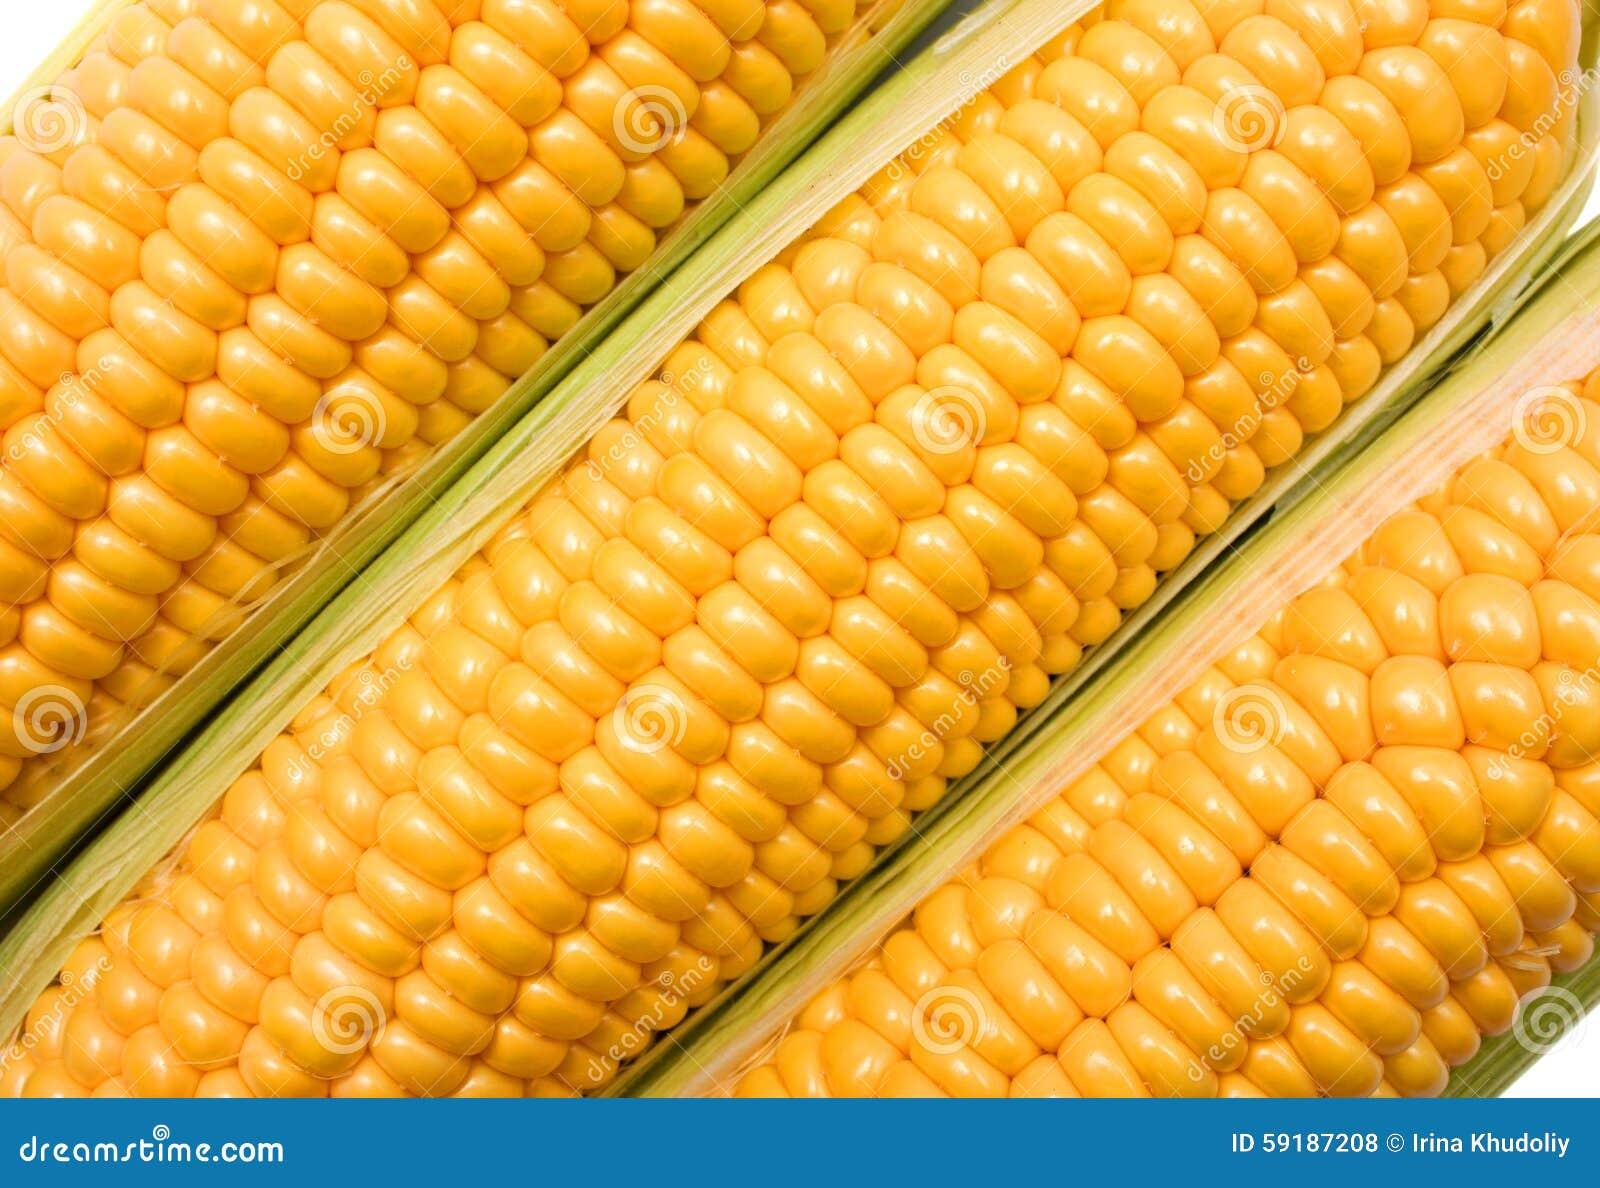 在白色背景隔绝的玉米穗.图片